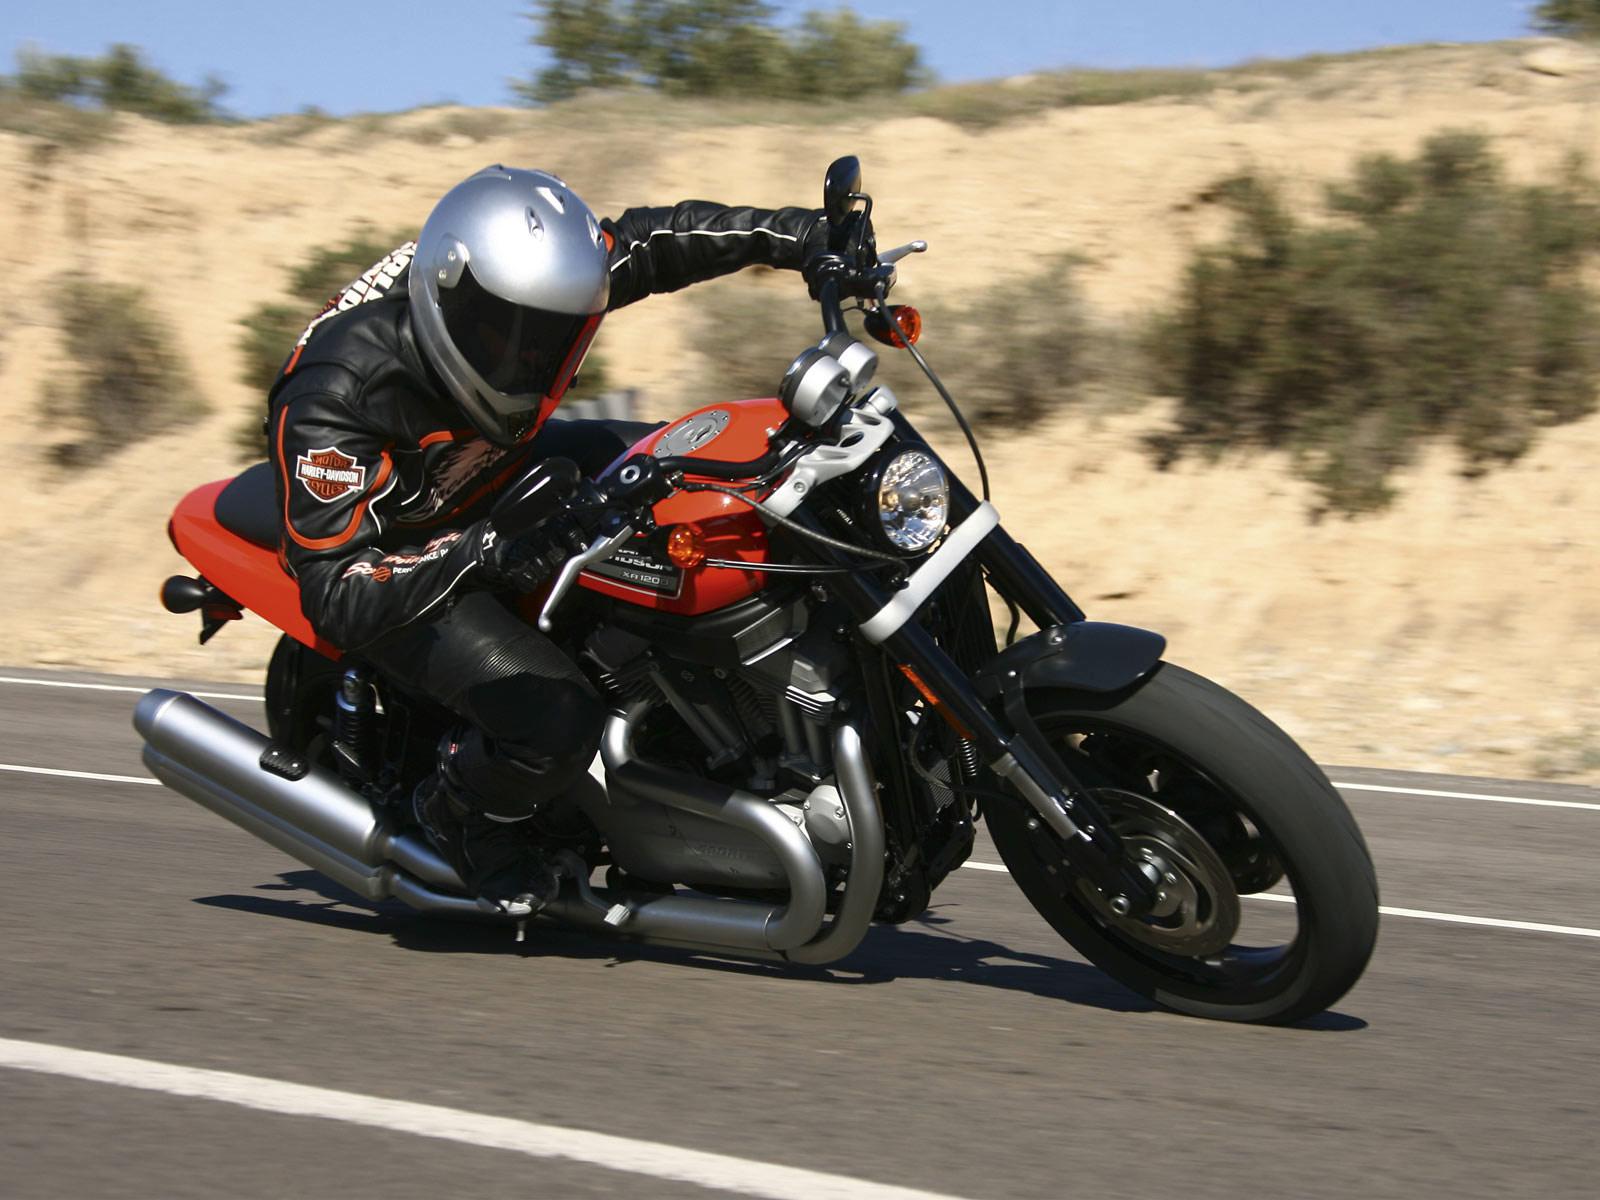 Harley Davidson: 2009 Harley-Davidson XL1200R Sportster 1200 Roadster (XR 1200